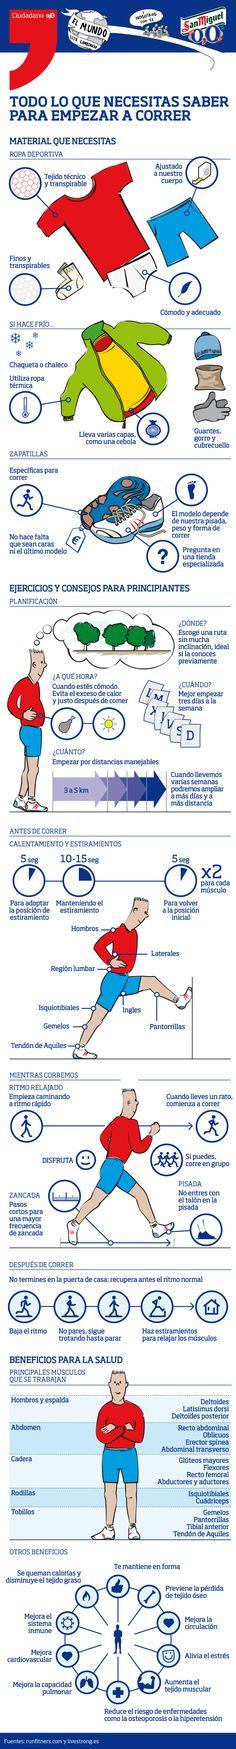 Todo lo que necesitas saber para empezar a correr #infografia